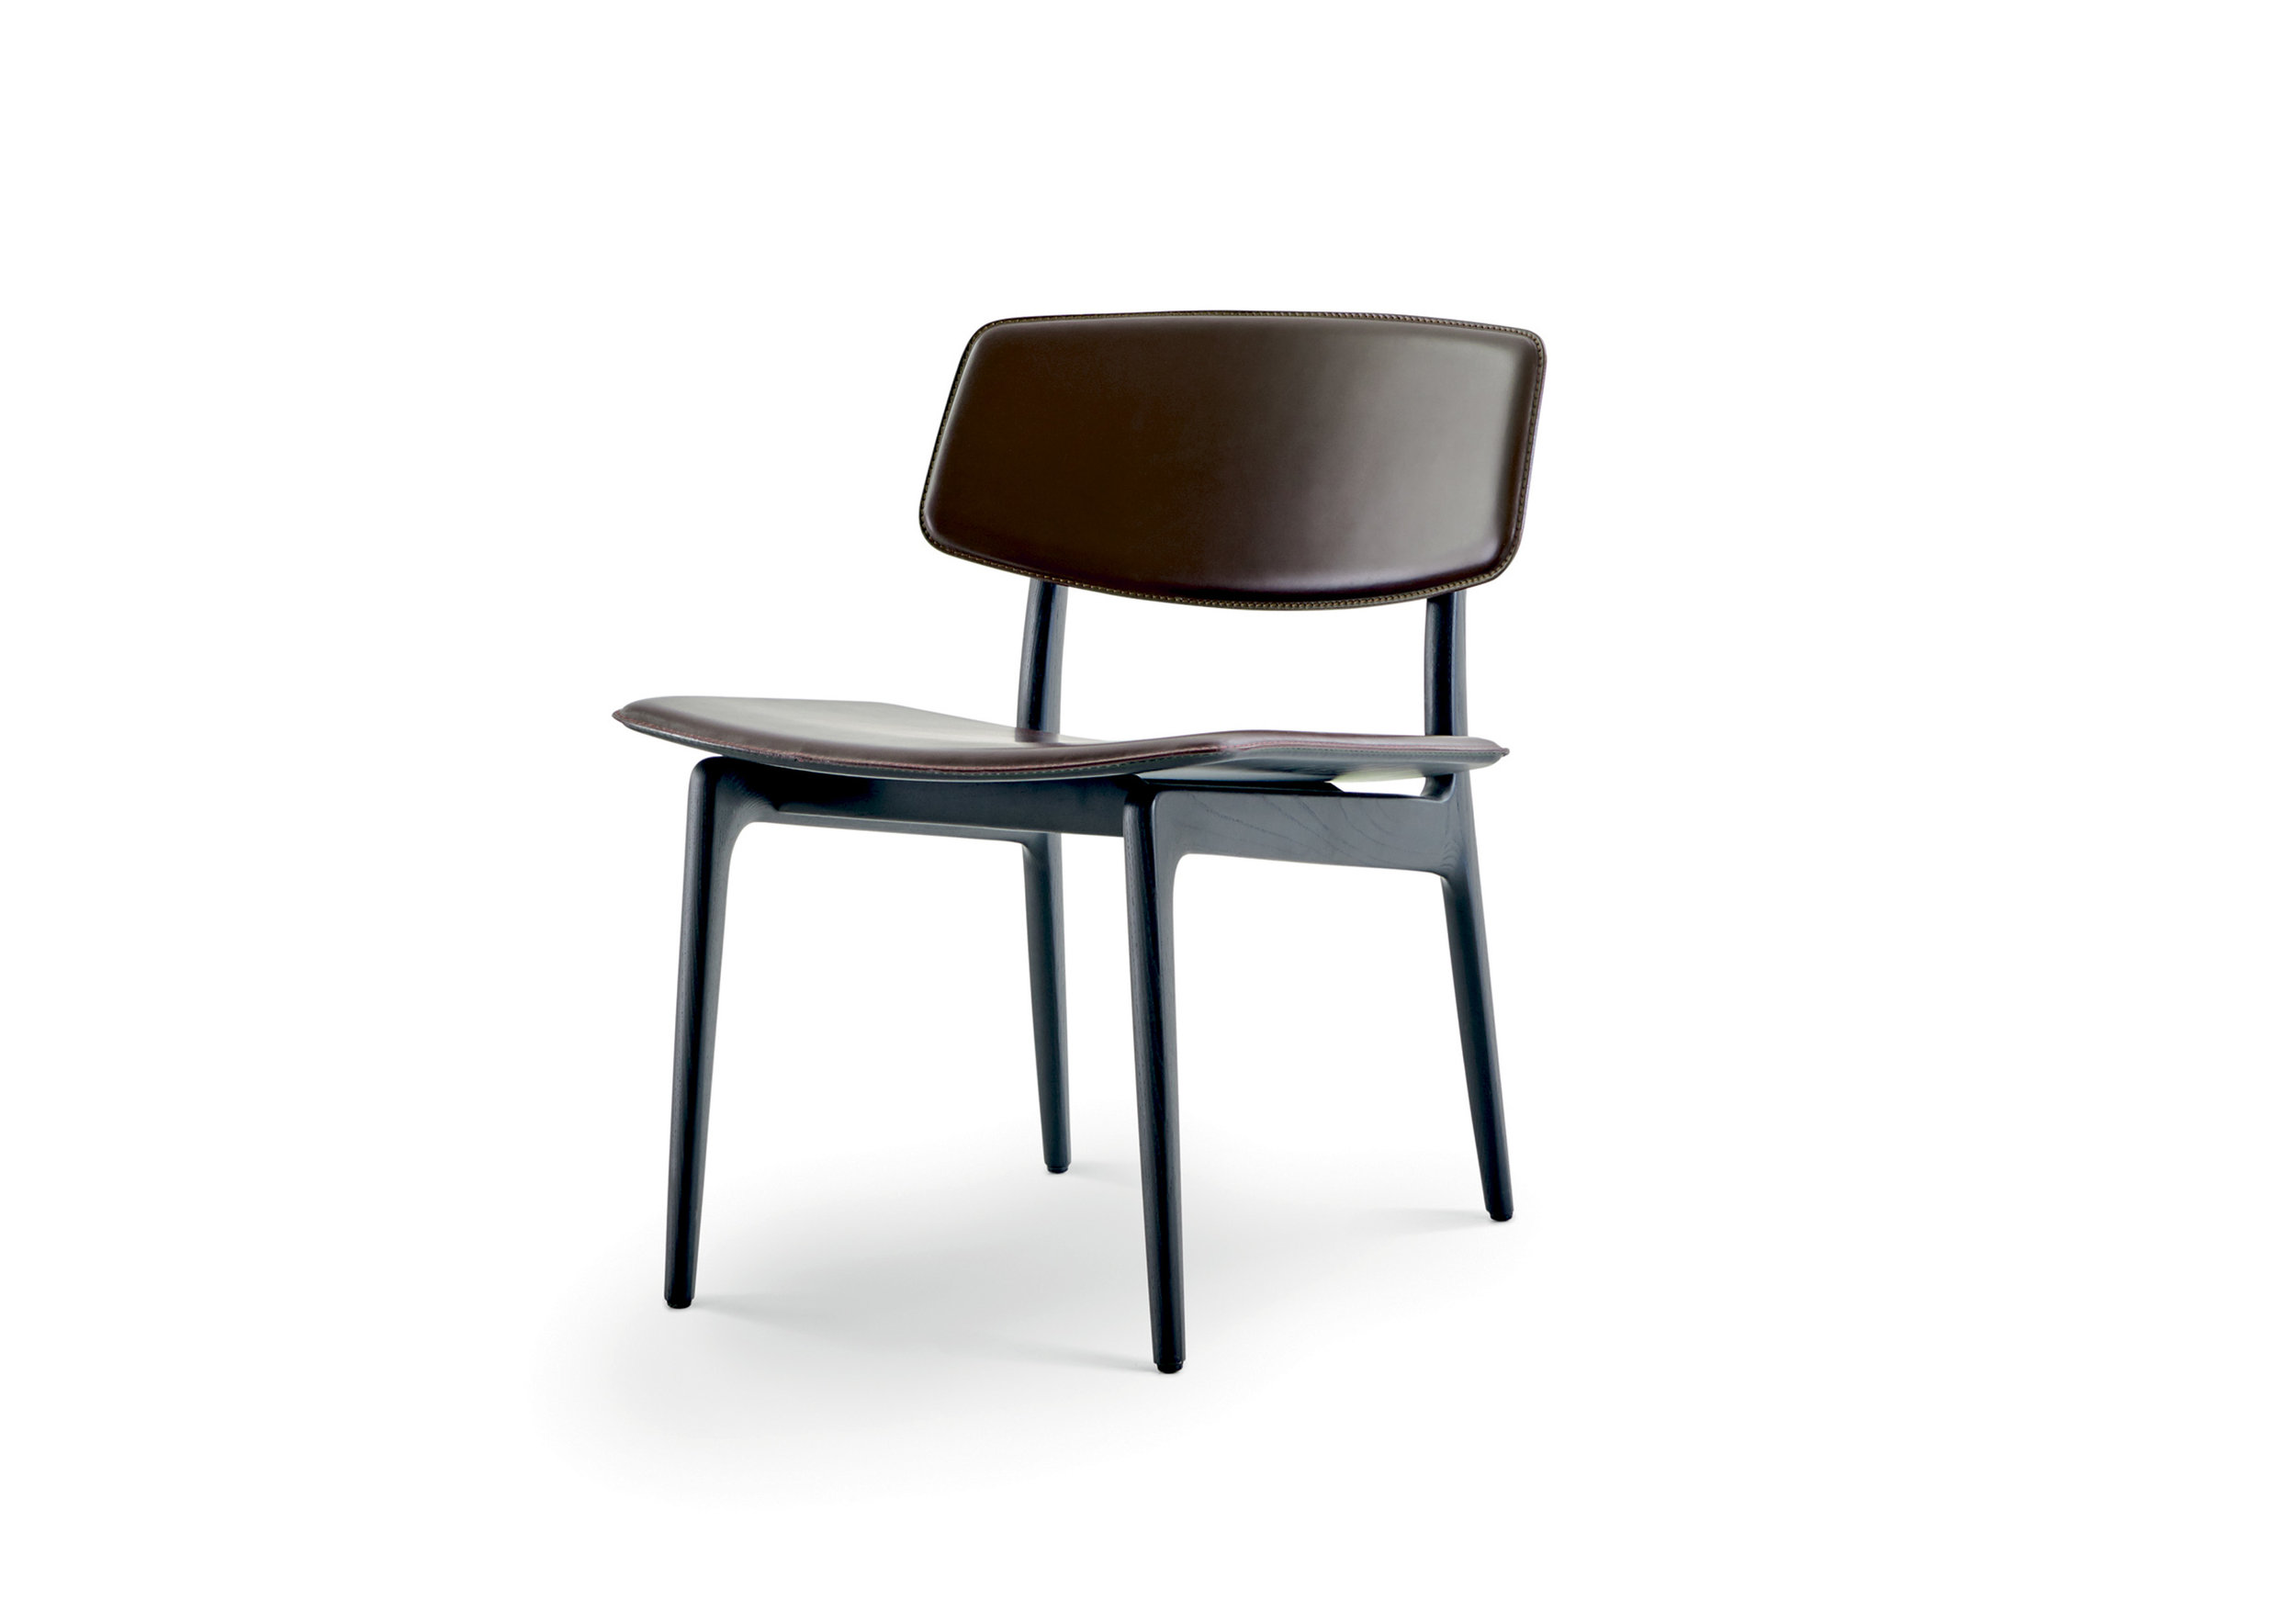 Francesco meda woody armchair 2.jpg